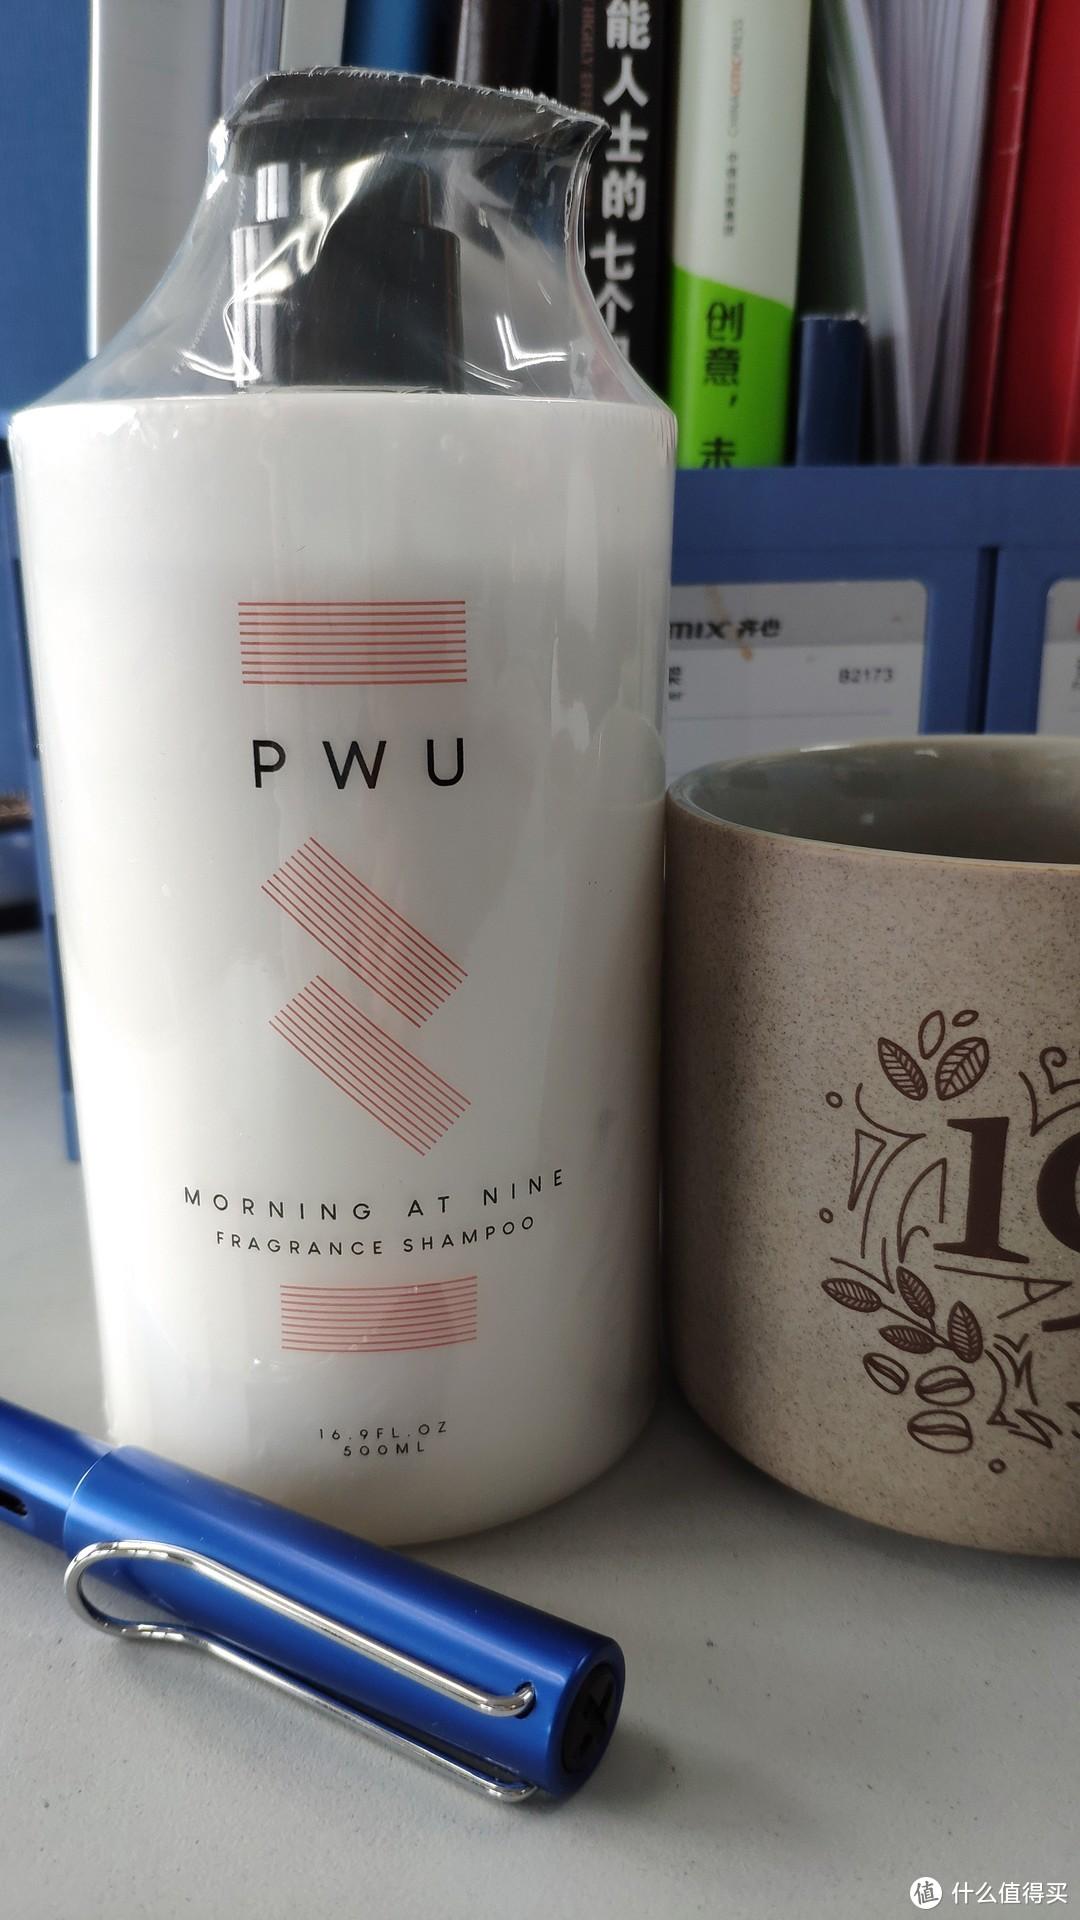 堪比香水的网红洗发露—PWU朴物大美